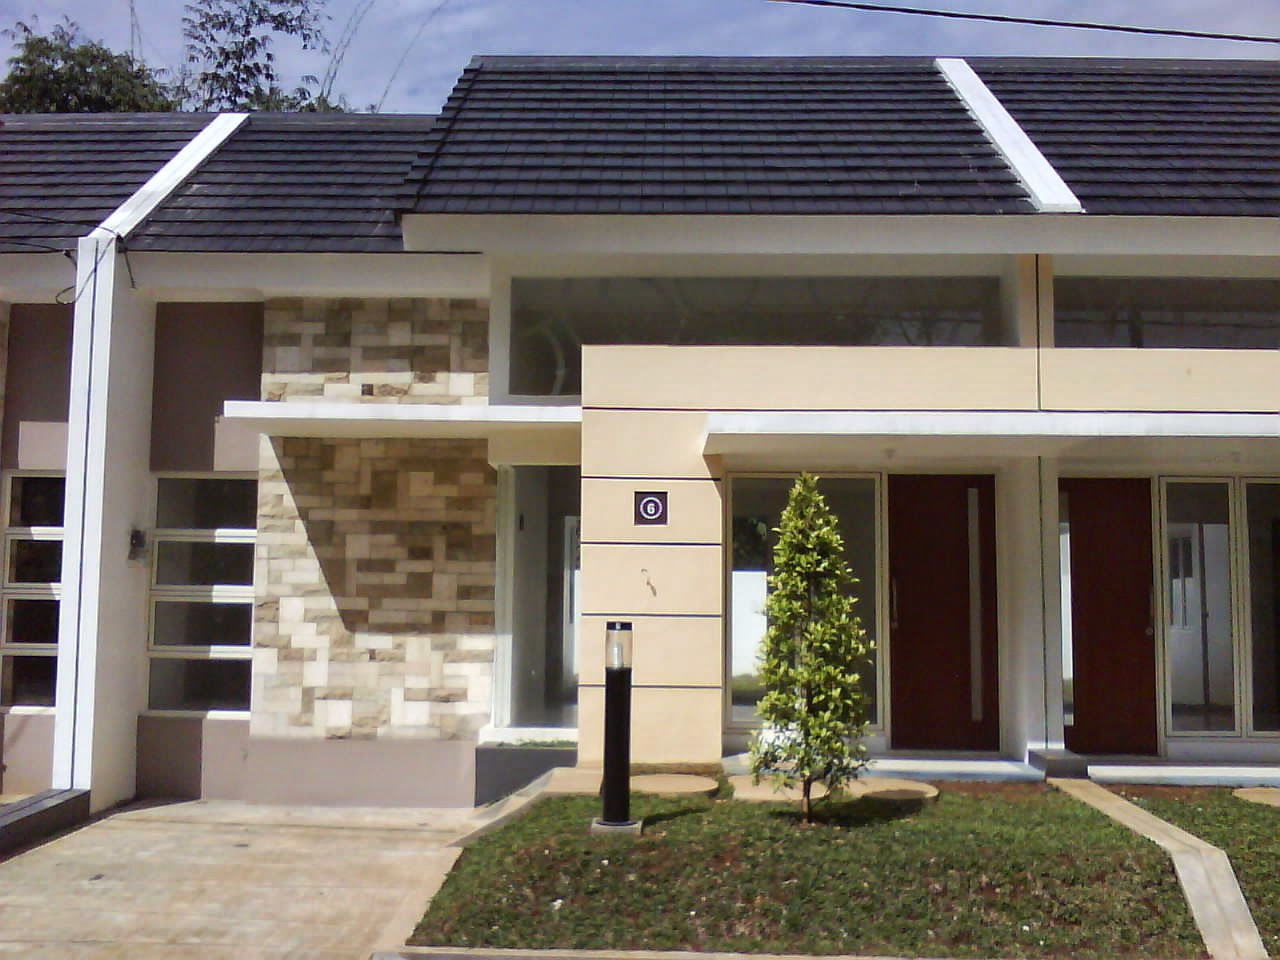 Rumah Minimalis Terbaru Di Era Ini Kumpulan Model Rumah Minimalis